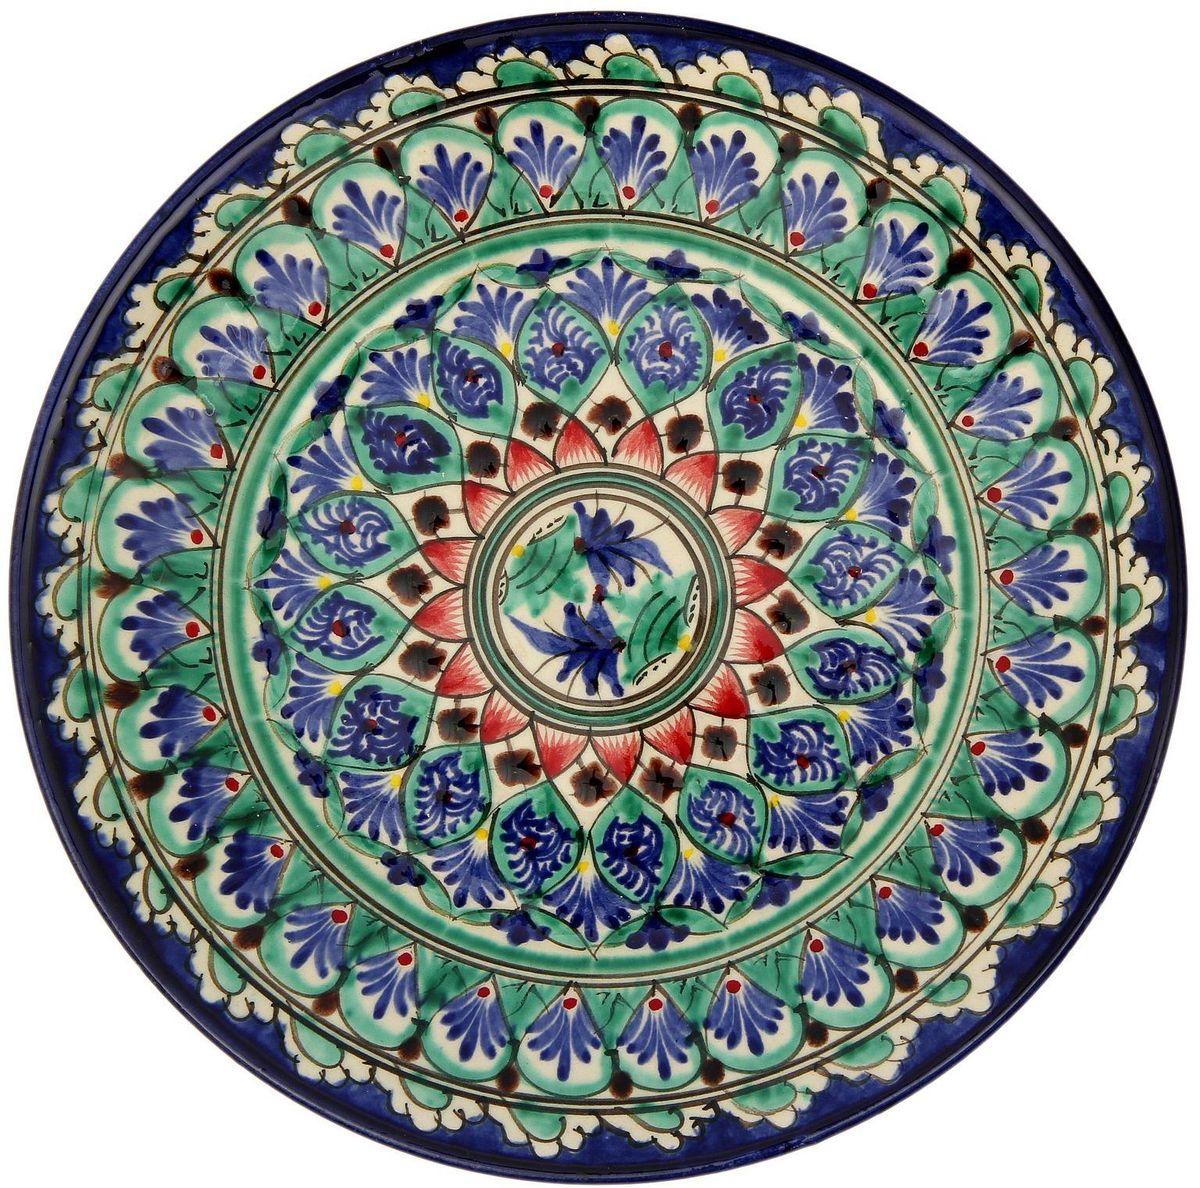 Тарелка Риштанская керамика, диаметр 23 см. 21580052158005Узбекская посуда известна всему миру уже более тысячи лет. Ей любовались царские особы, на ней подавали еду шейхам и знатным персонам. Формула глазури передаётся из поколения в поколение. По сей день качественные изделия продолжают восхищать своей идеальной формой.Данный предмет подойдёт для повседневной и праздничной сервировки. Дополните стол текстилем и салфетками в тон, чтобы получить элегантное убранство с яркими акцентами. Возможны отличия некоторых элементов рисунка от того, что представлено на фото. Товар расписывается вручную.